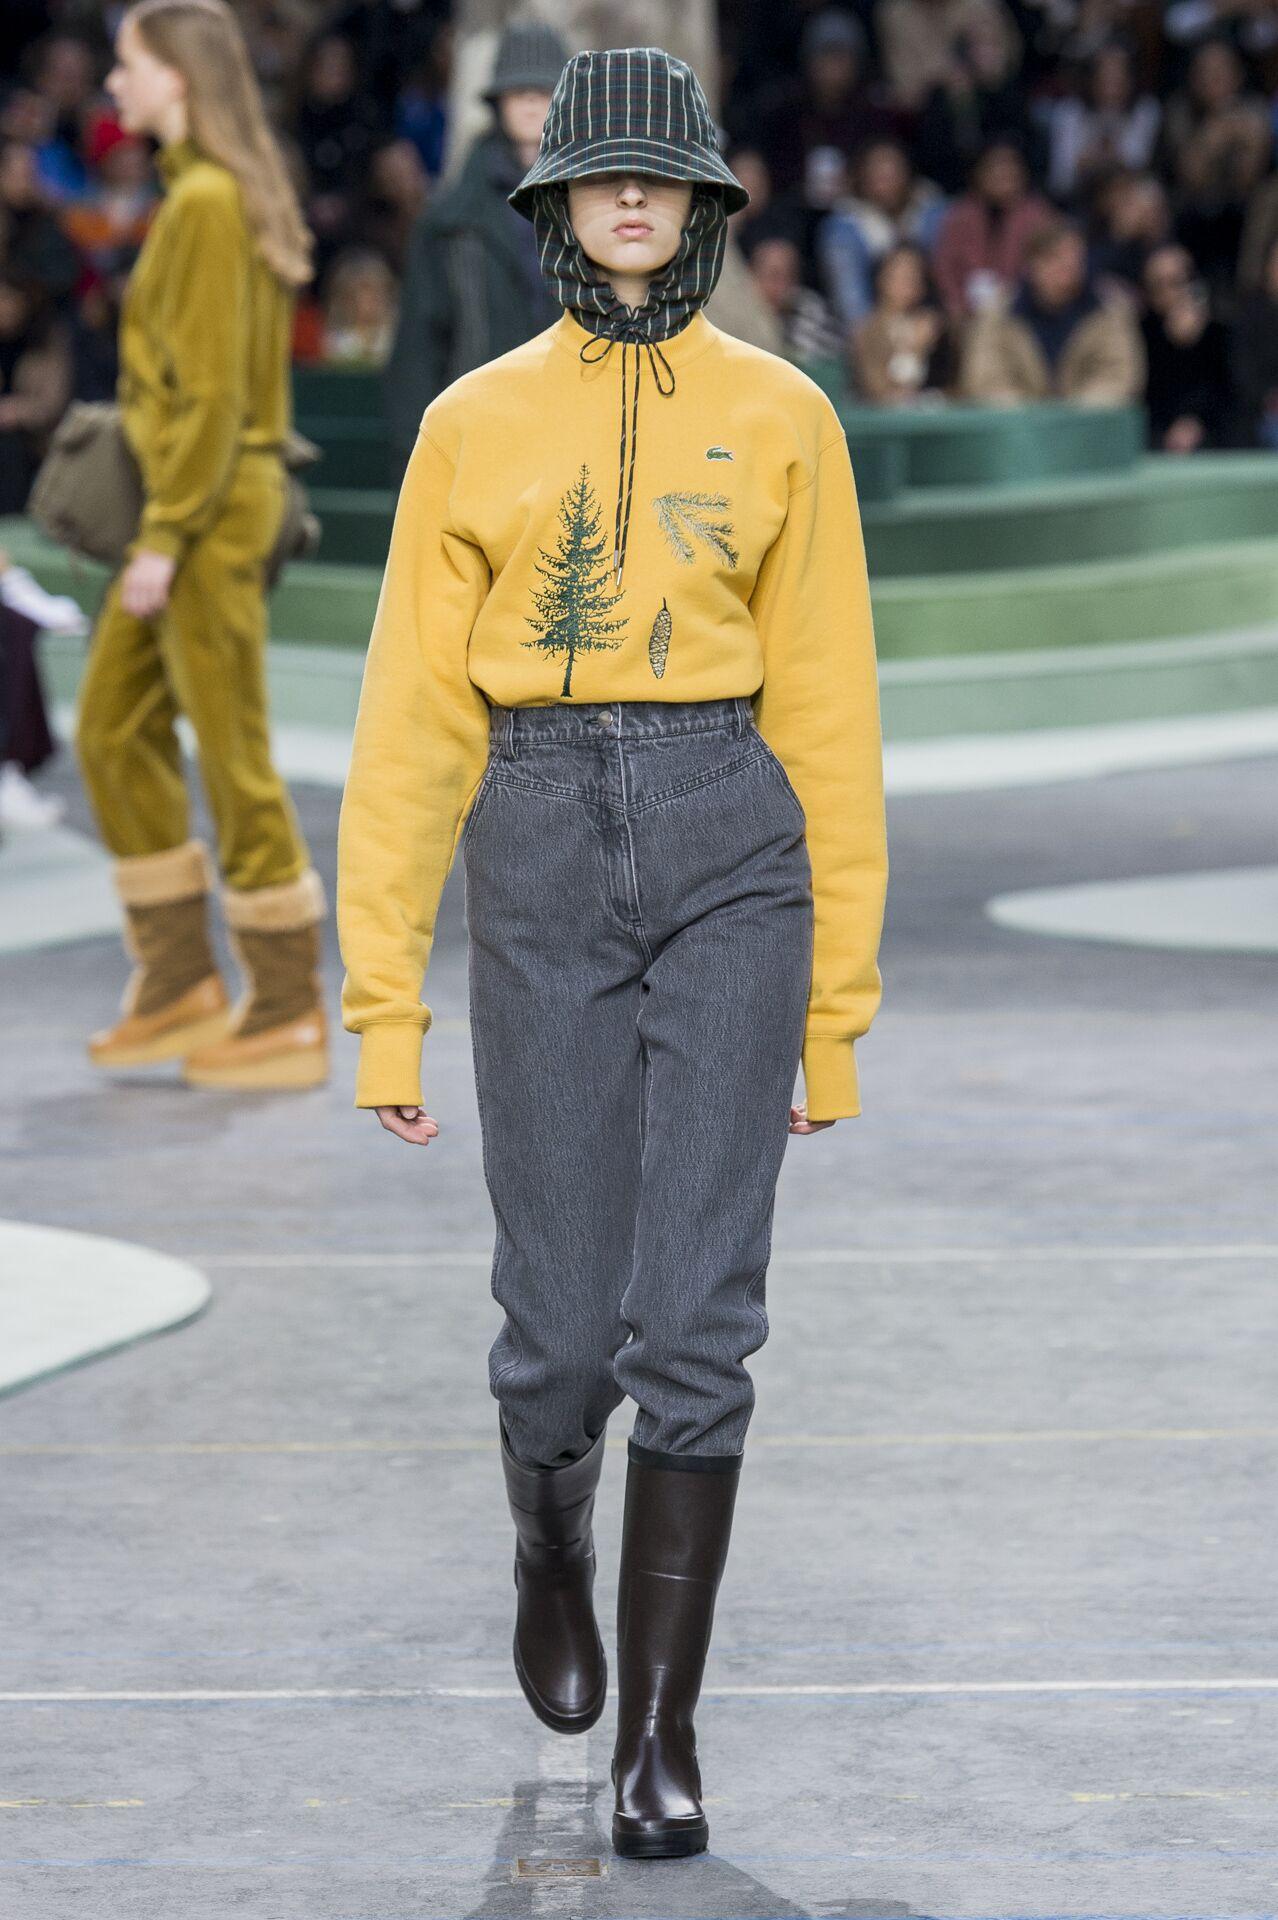 Lacoste FW 2018 Womenswear